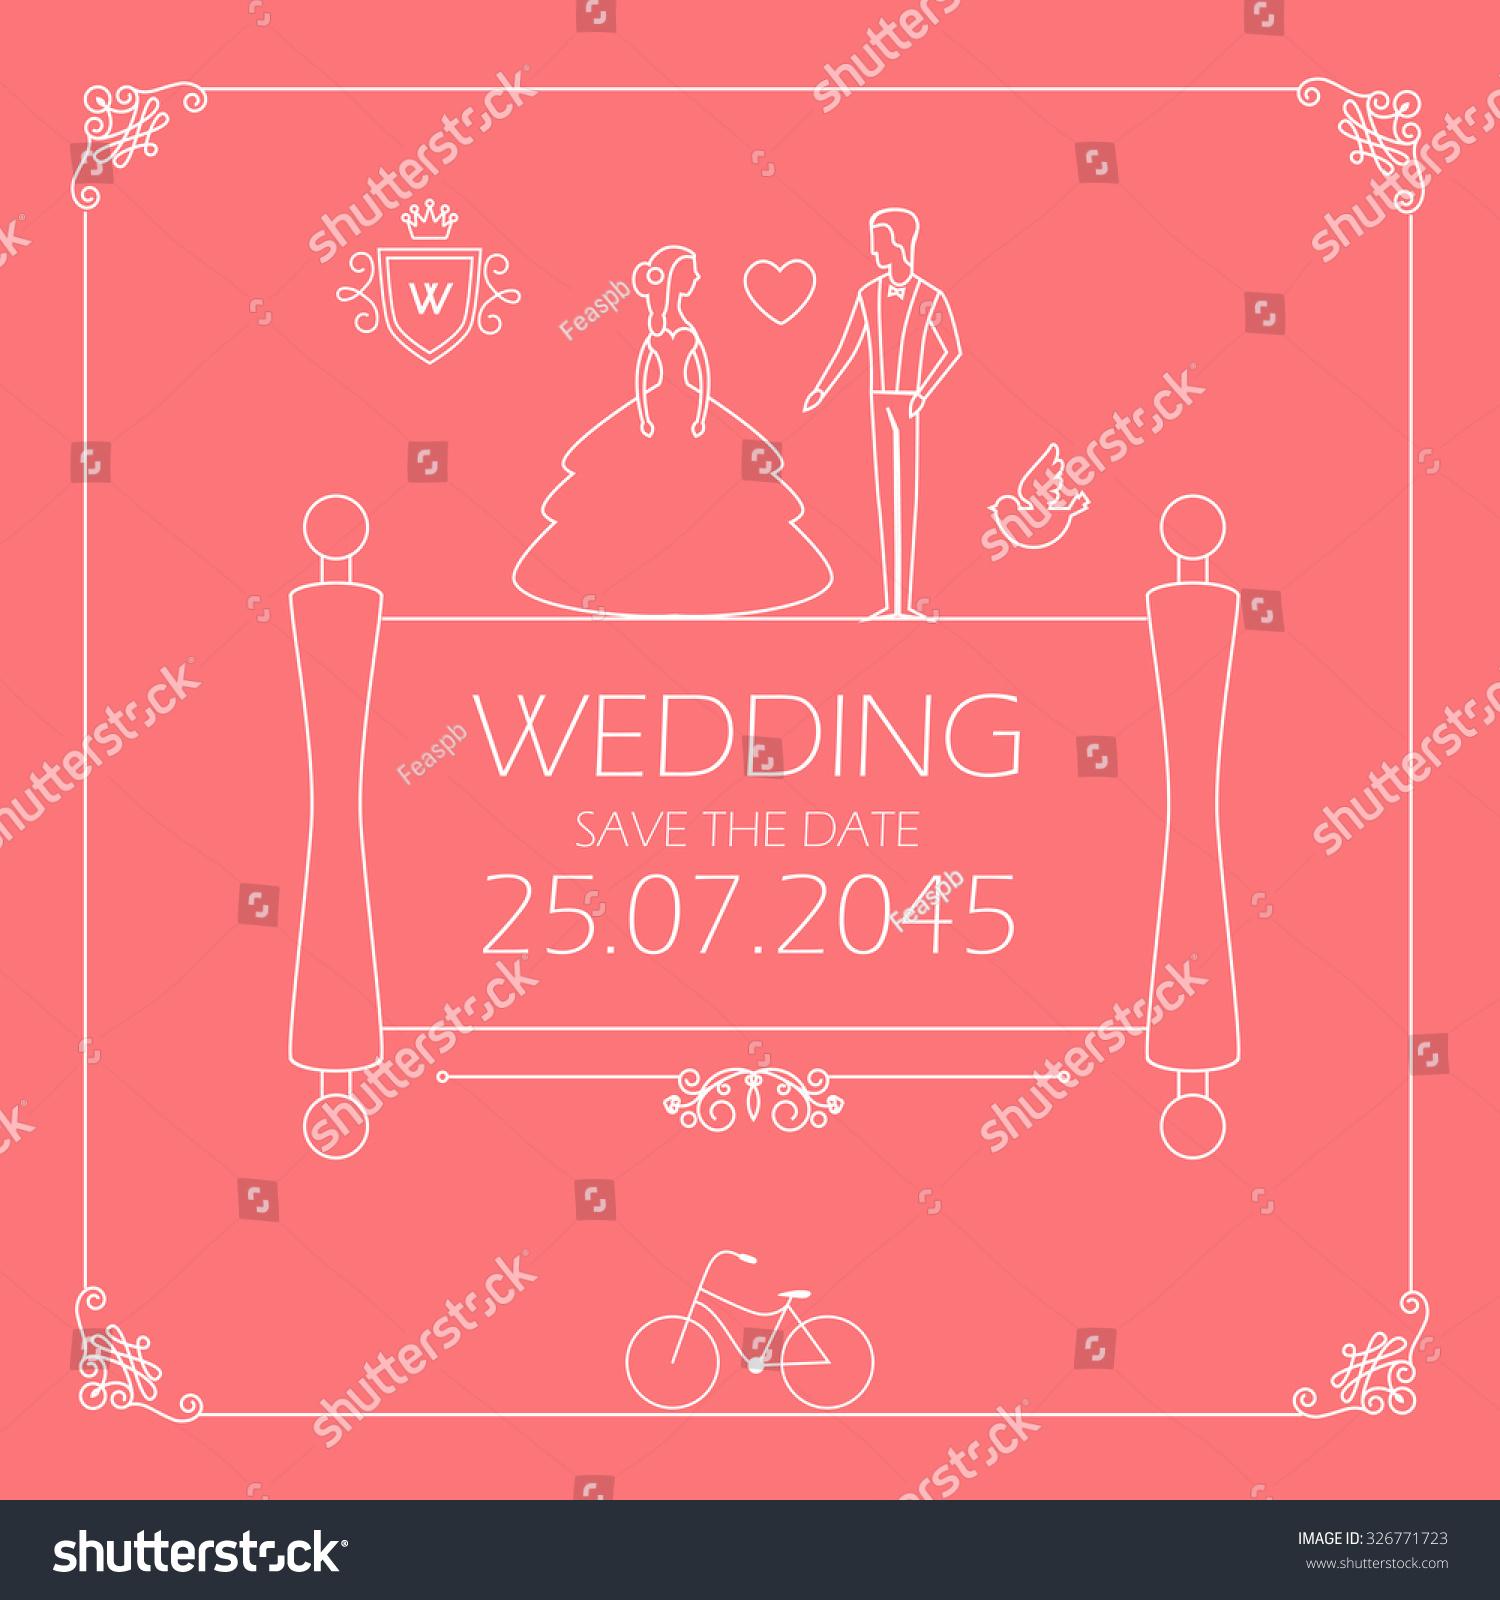 Vintage Wedding Invitation Groom Bride Trendy Stock Vector (Royalty ...